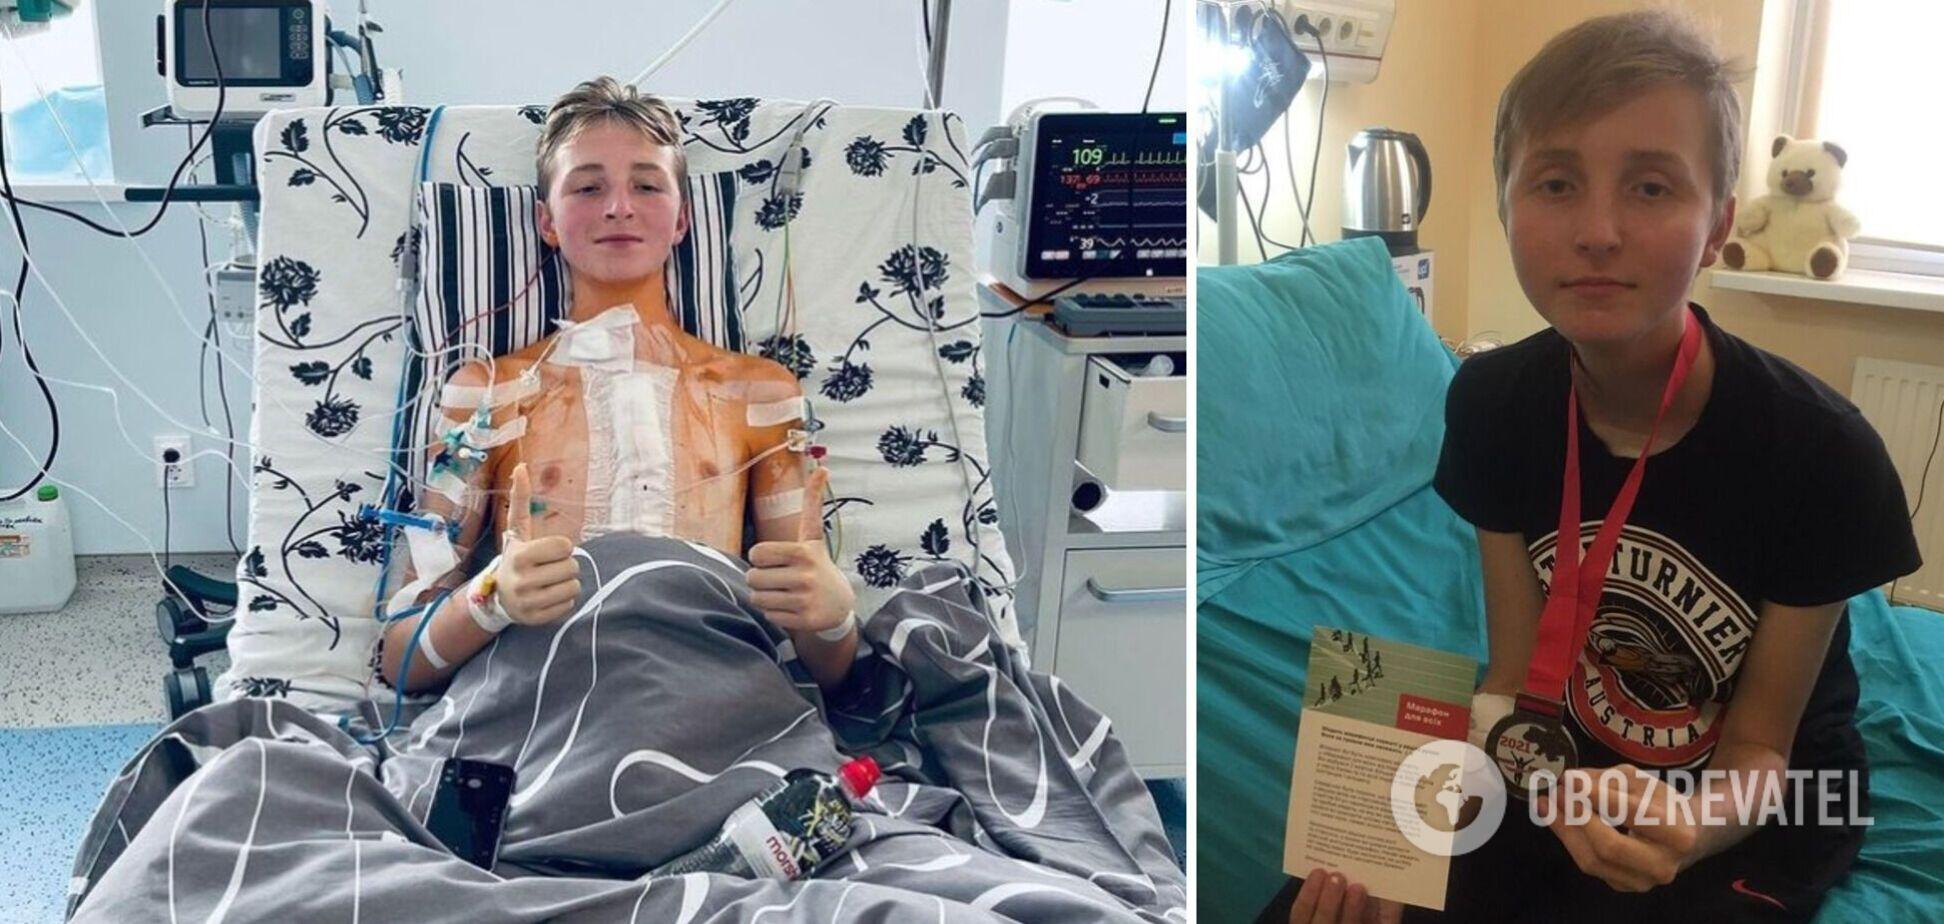 Підліток, якому вперше в Україні пересадили серце, про операцію: це шанс на нове життя. Фото